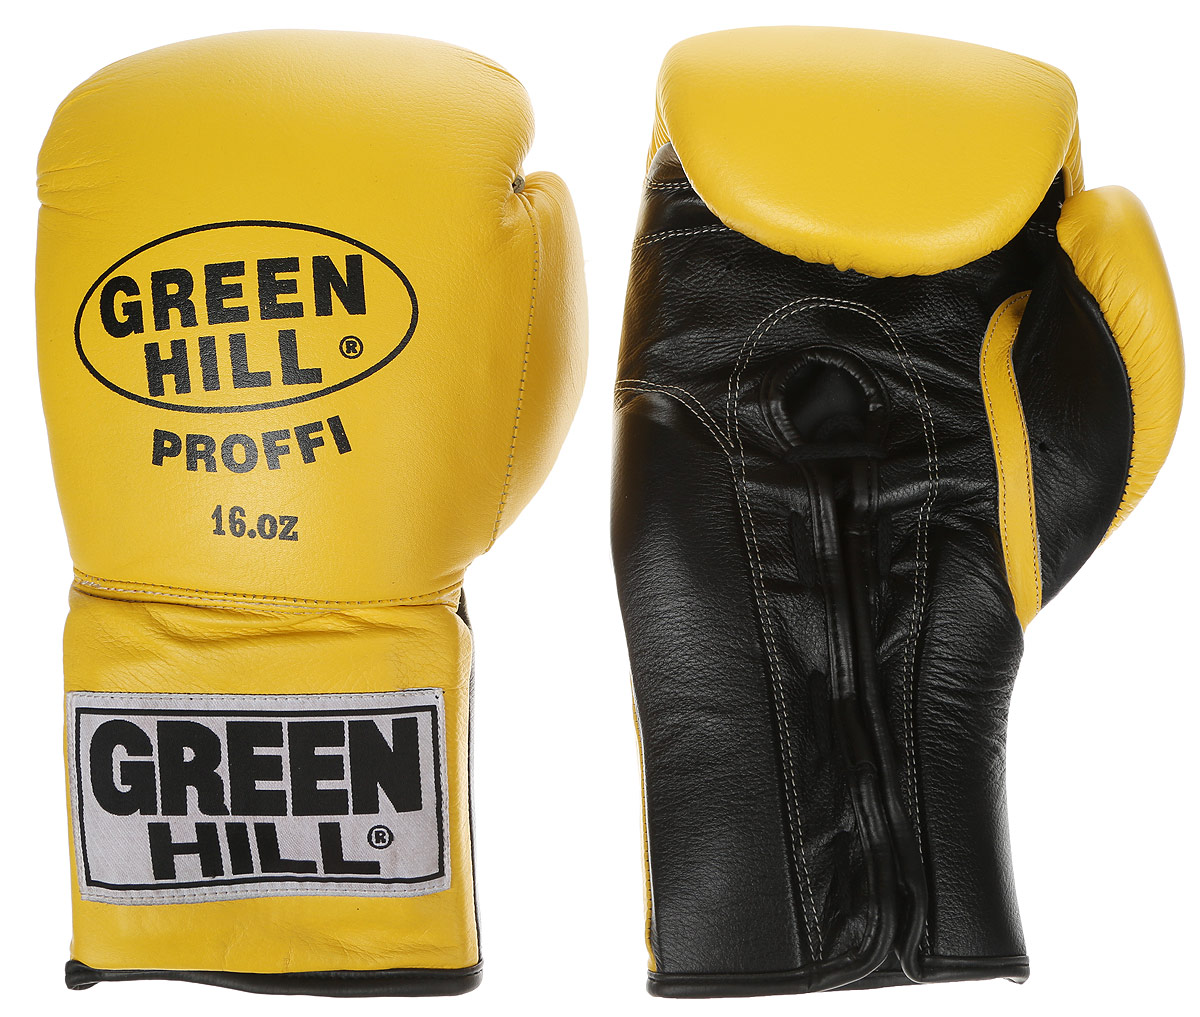 Перчатки боксерские Green Hill Proffi, цвет: желтый, черный. Вес 16 унций. BGP-2014AIRWHEEL M3-162.8Боксерские перчатки Green Hill Proffi предназначены для использования профессионалами. Верх выполнен из натуральной кожи, наполнитель - из вспененного полимера. Отверстие в области ладони позволяет создать максимально комфортный терморежим во время занятий. Манжет на шнуровке способствует быстрому и удобному надеванию перчаток, плотно фиксирует перчатки на руке.